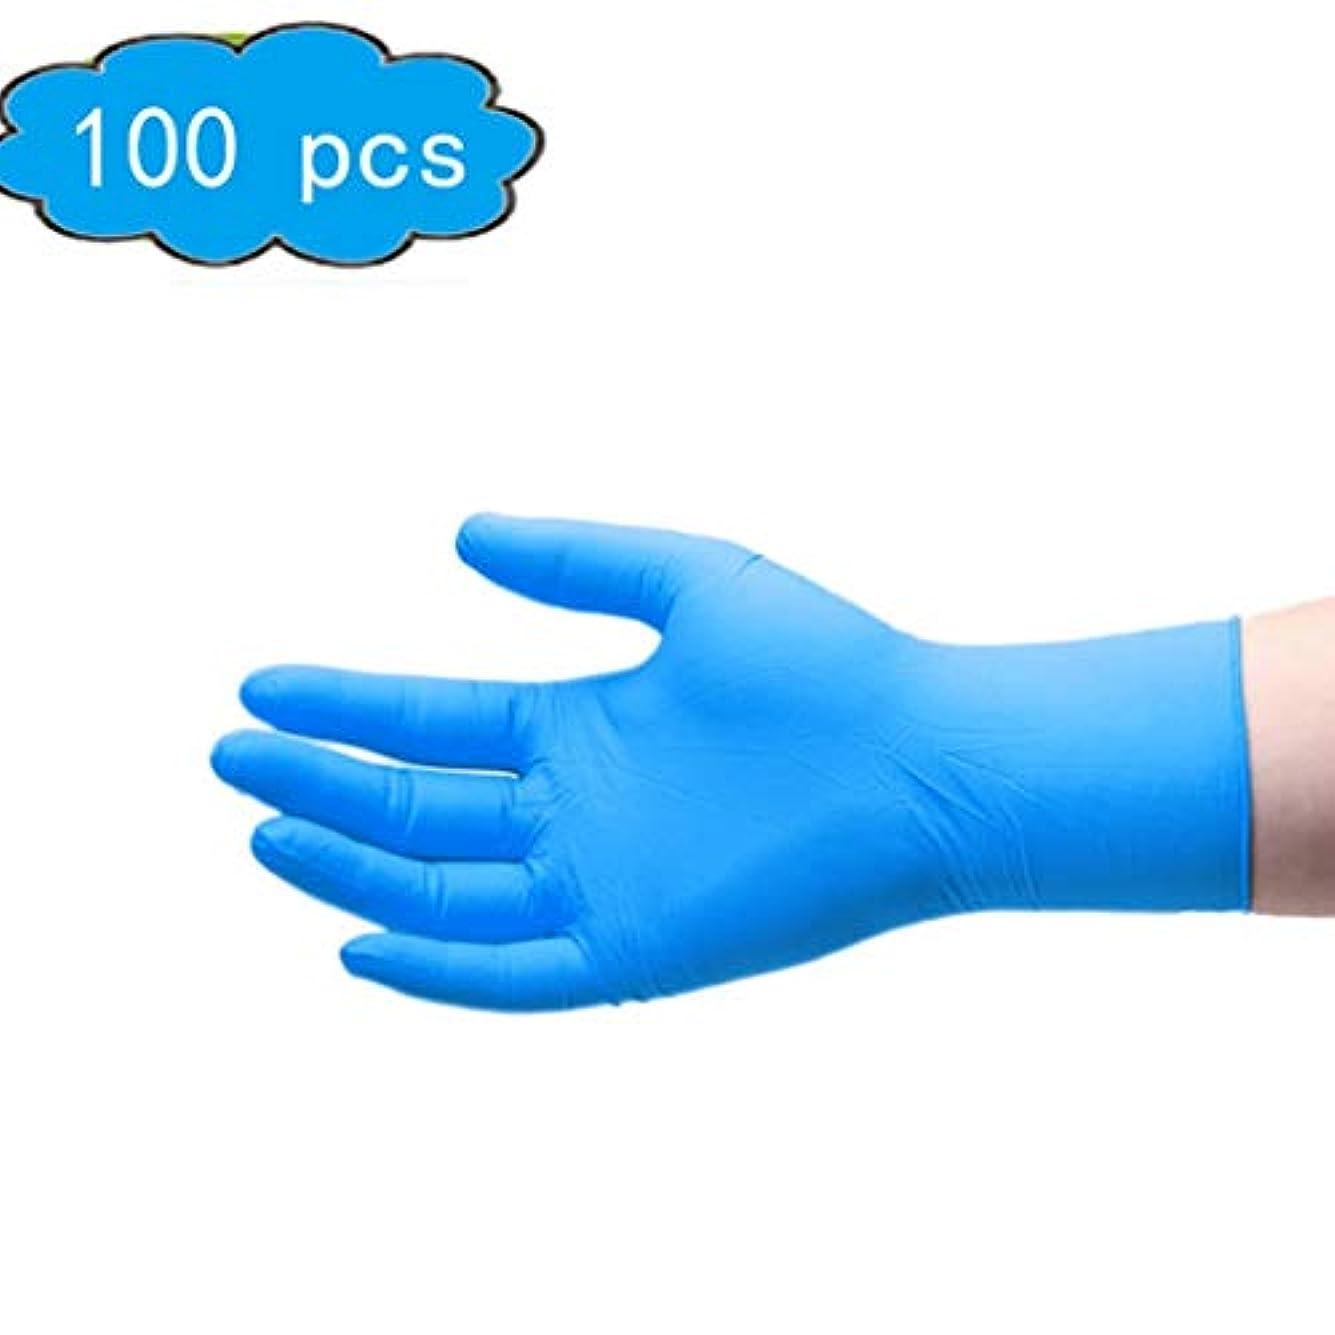 弾丸報いる報酬の使い捨てニトリル試験手袋、5 Mil、医療グレード、ラテックスフリー、パウダーフリー、食品安全(100個入り)、ラボ、安全&作業用手袋、家庭用品 (Color : Blue, Size : XS)